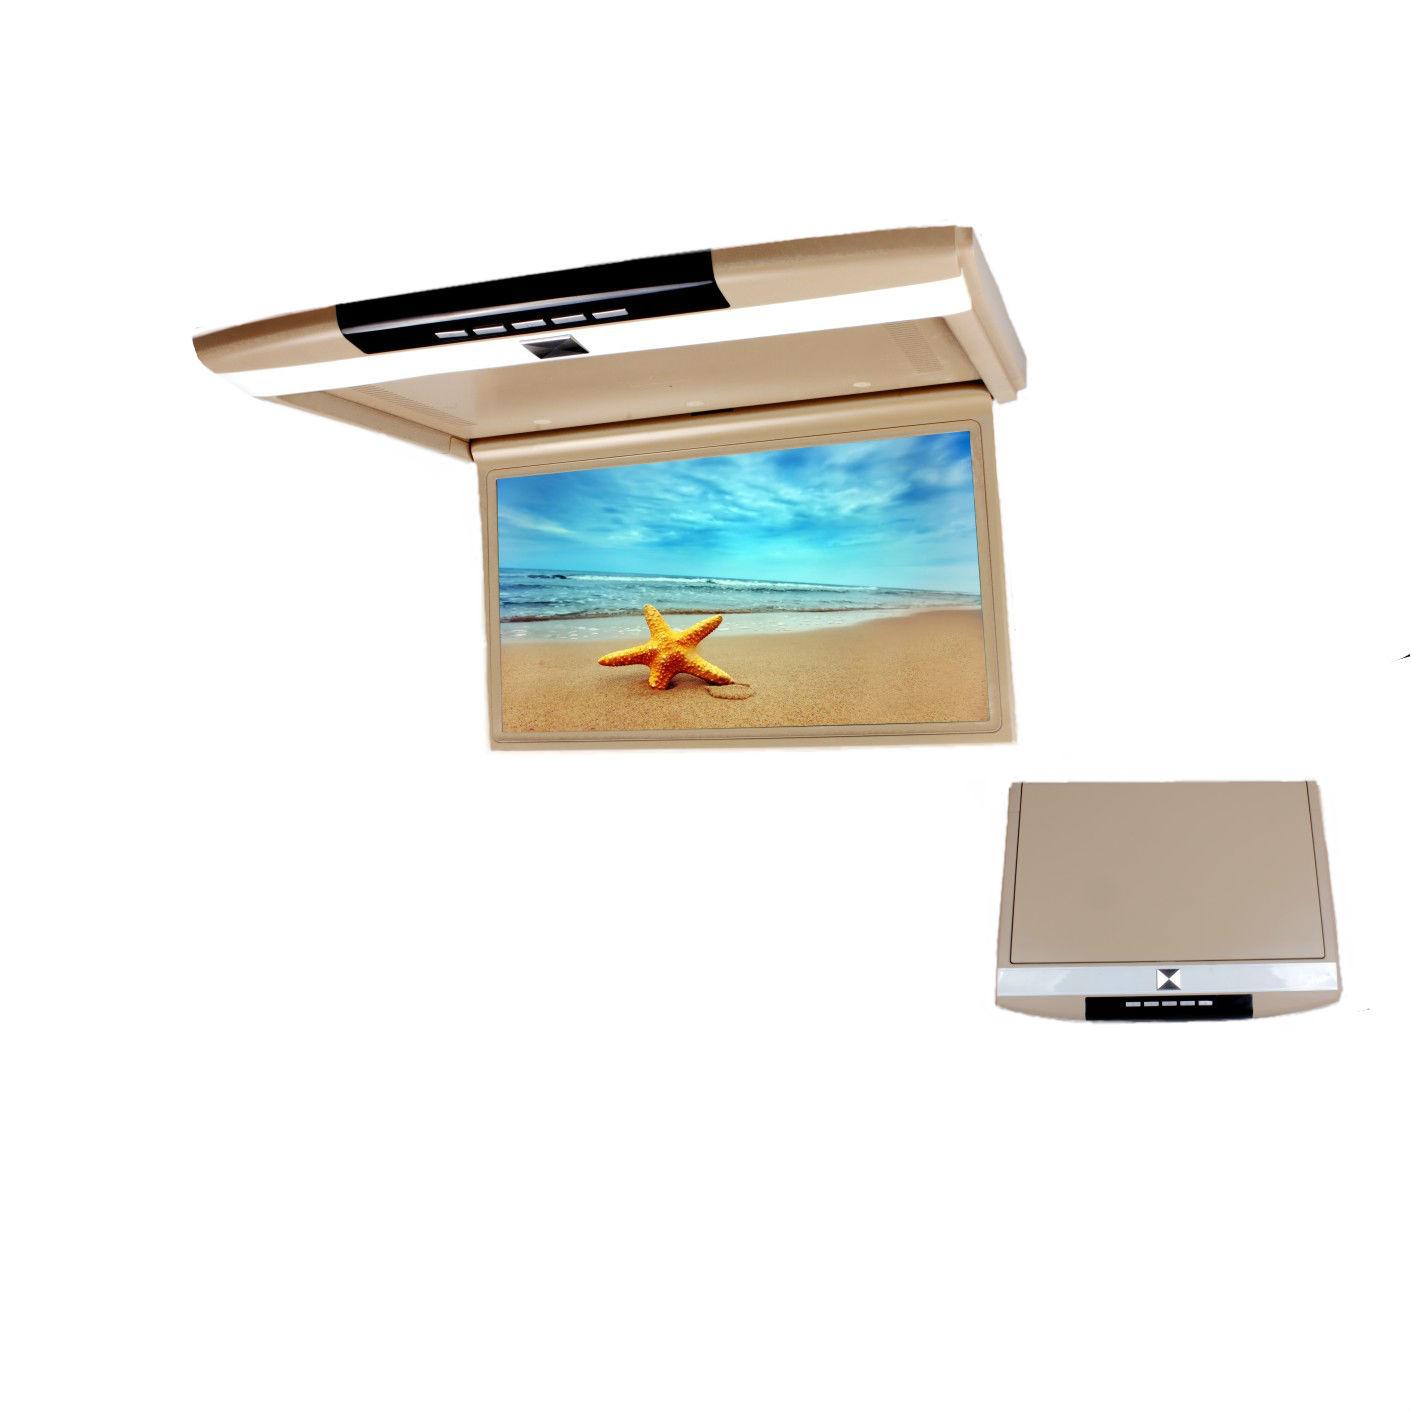 Автомобильный потолочный монитор 17.3 с медиаплеером FarCar-Z002 (бежевый) (+ Двухканальные наушники в подарок!)